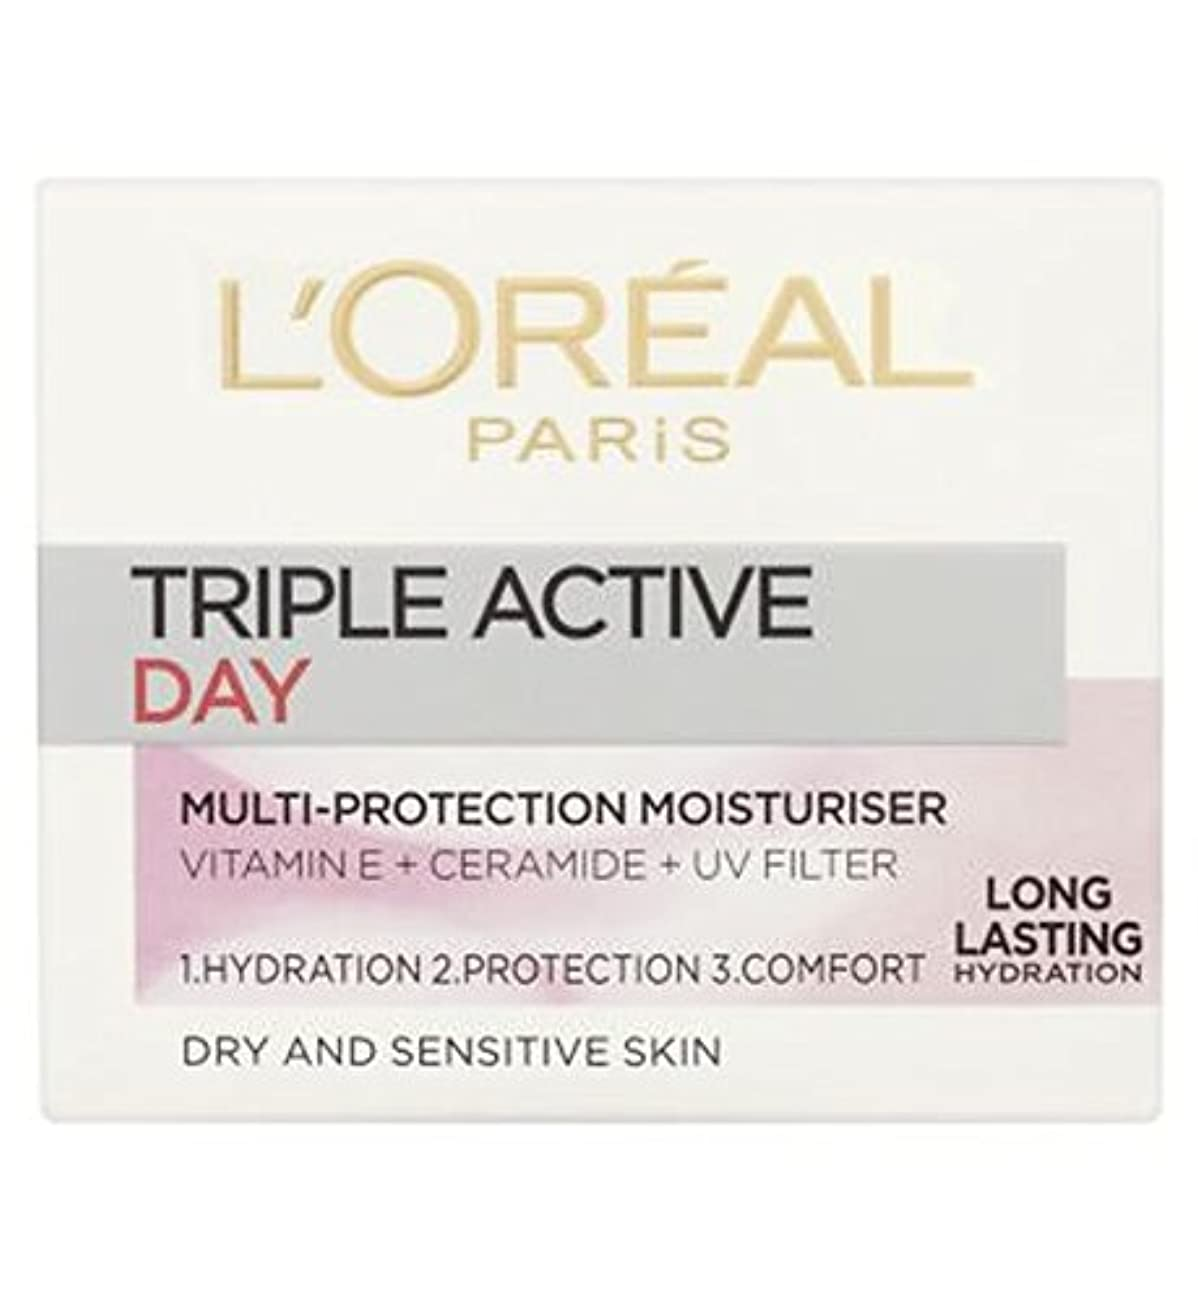 不機嫌そうな要求する内部L'Oreallパリトリプルアクティブな一日のマルチ保護保湿乾燥肌や敏感肌の50ミリリットル (L'Oreal) (x2) - L'Oreall Paris Triple Active Day Multi Protection Moisturiser Dry and Sensitive Skin 50ml (Pack of 2) [並行輸入品]